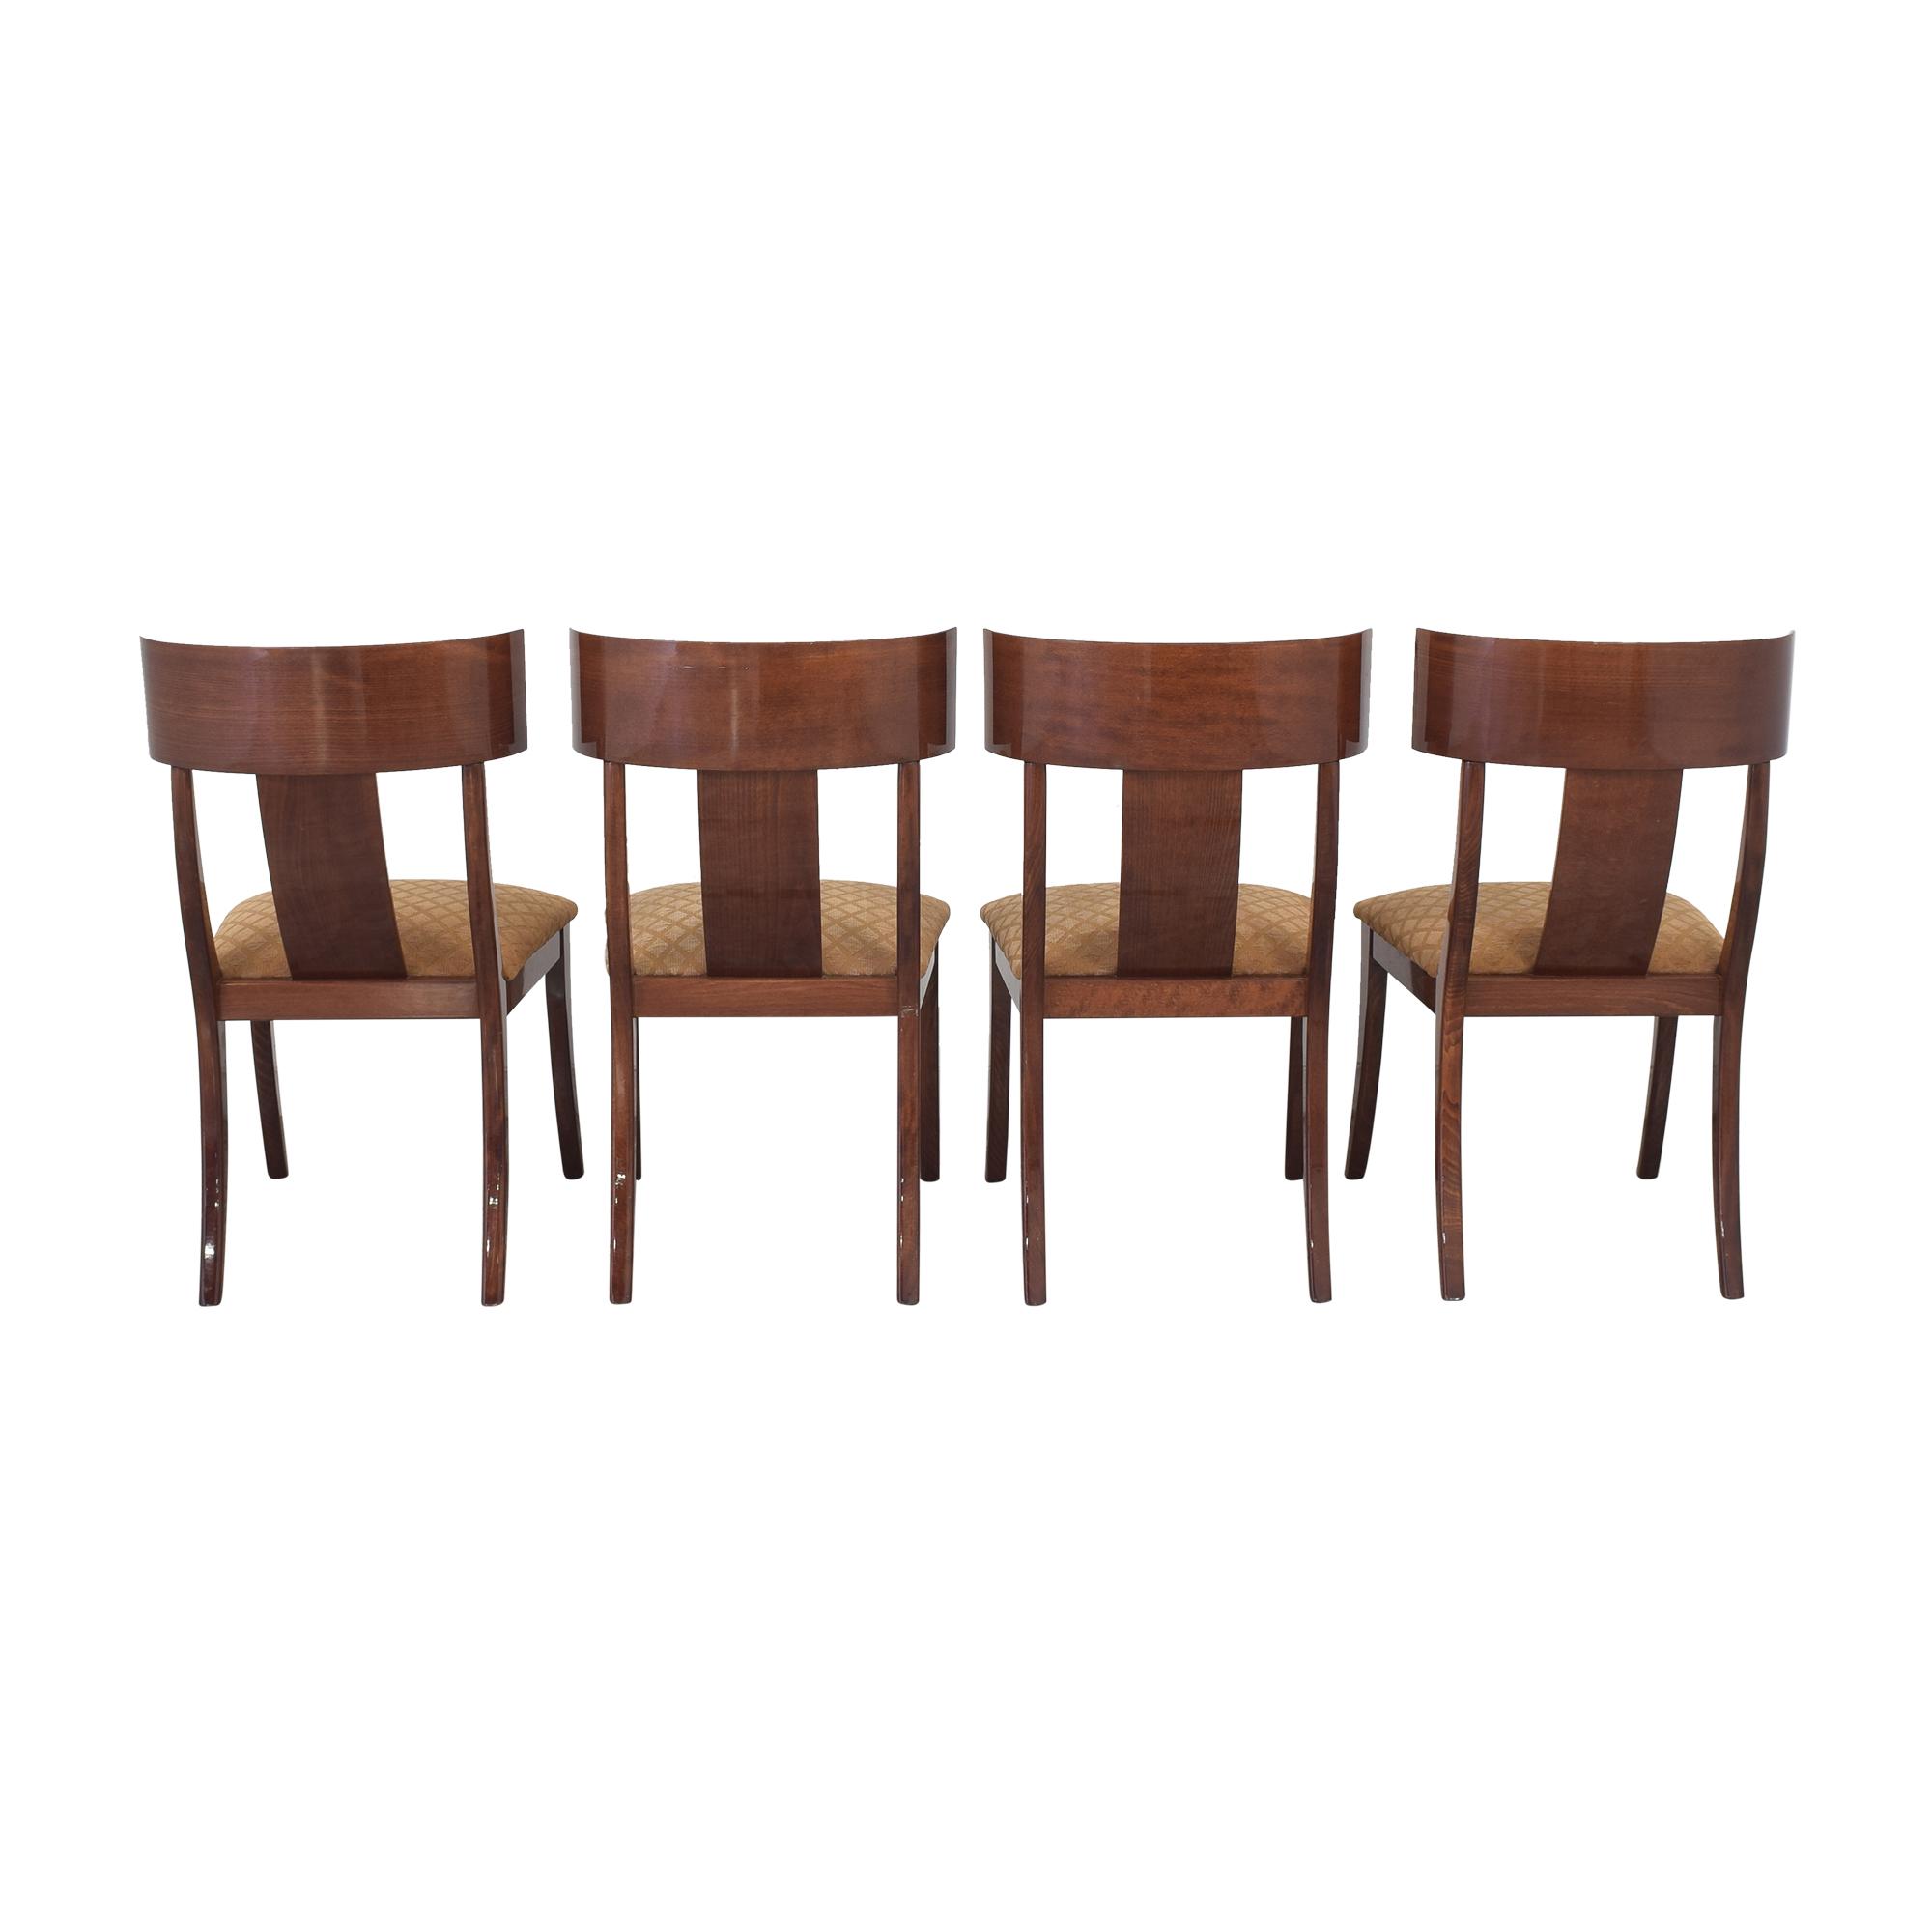 buy Ello Furniture Pietro Constantini for Ello Klismos Dining Chairs online